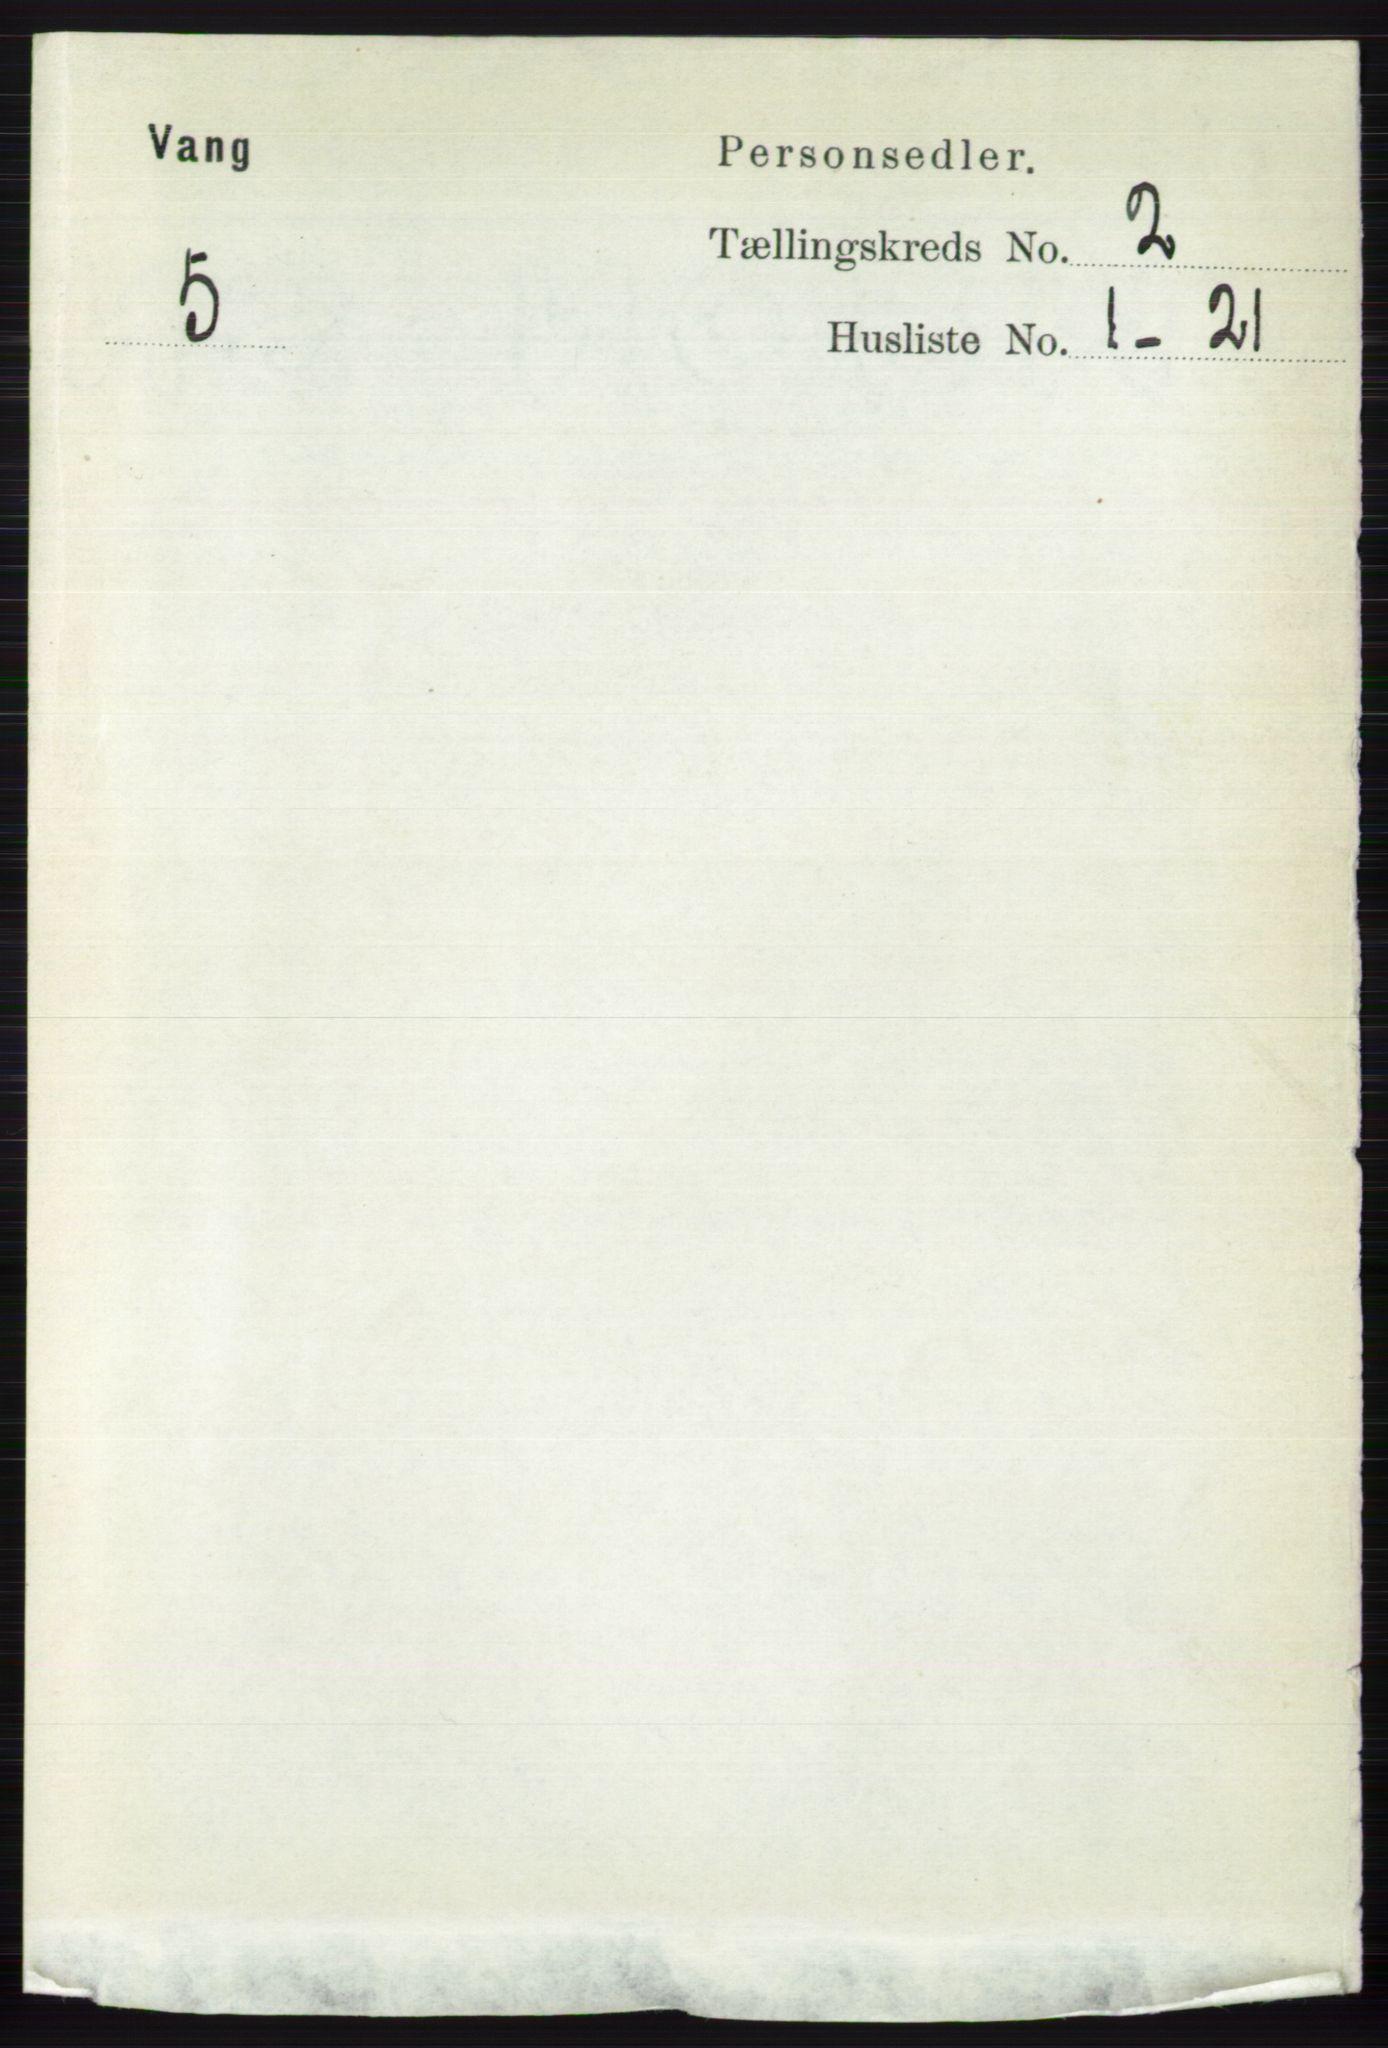 RA, Folketelling 1891 for 0545 Vang herred, 1891, s. 393